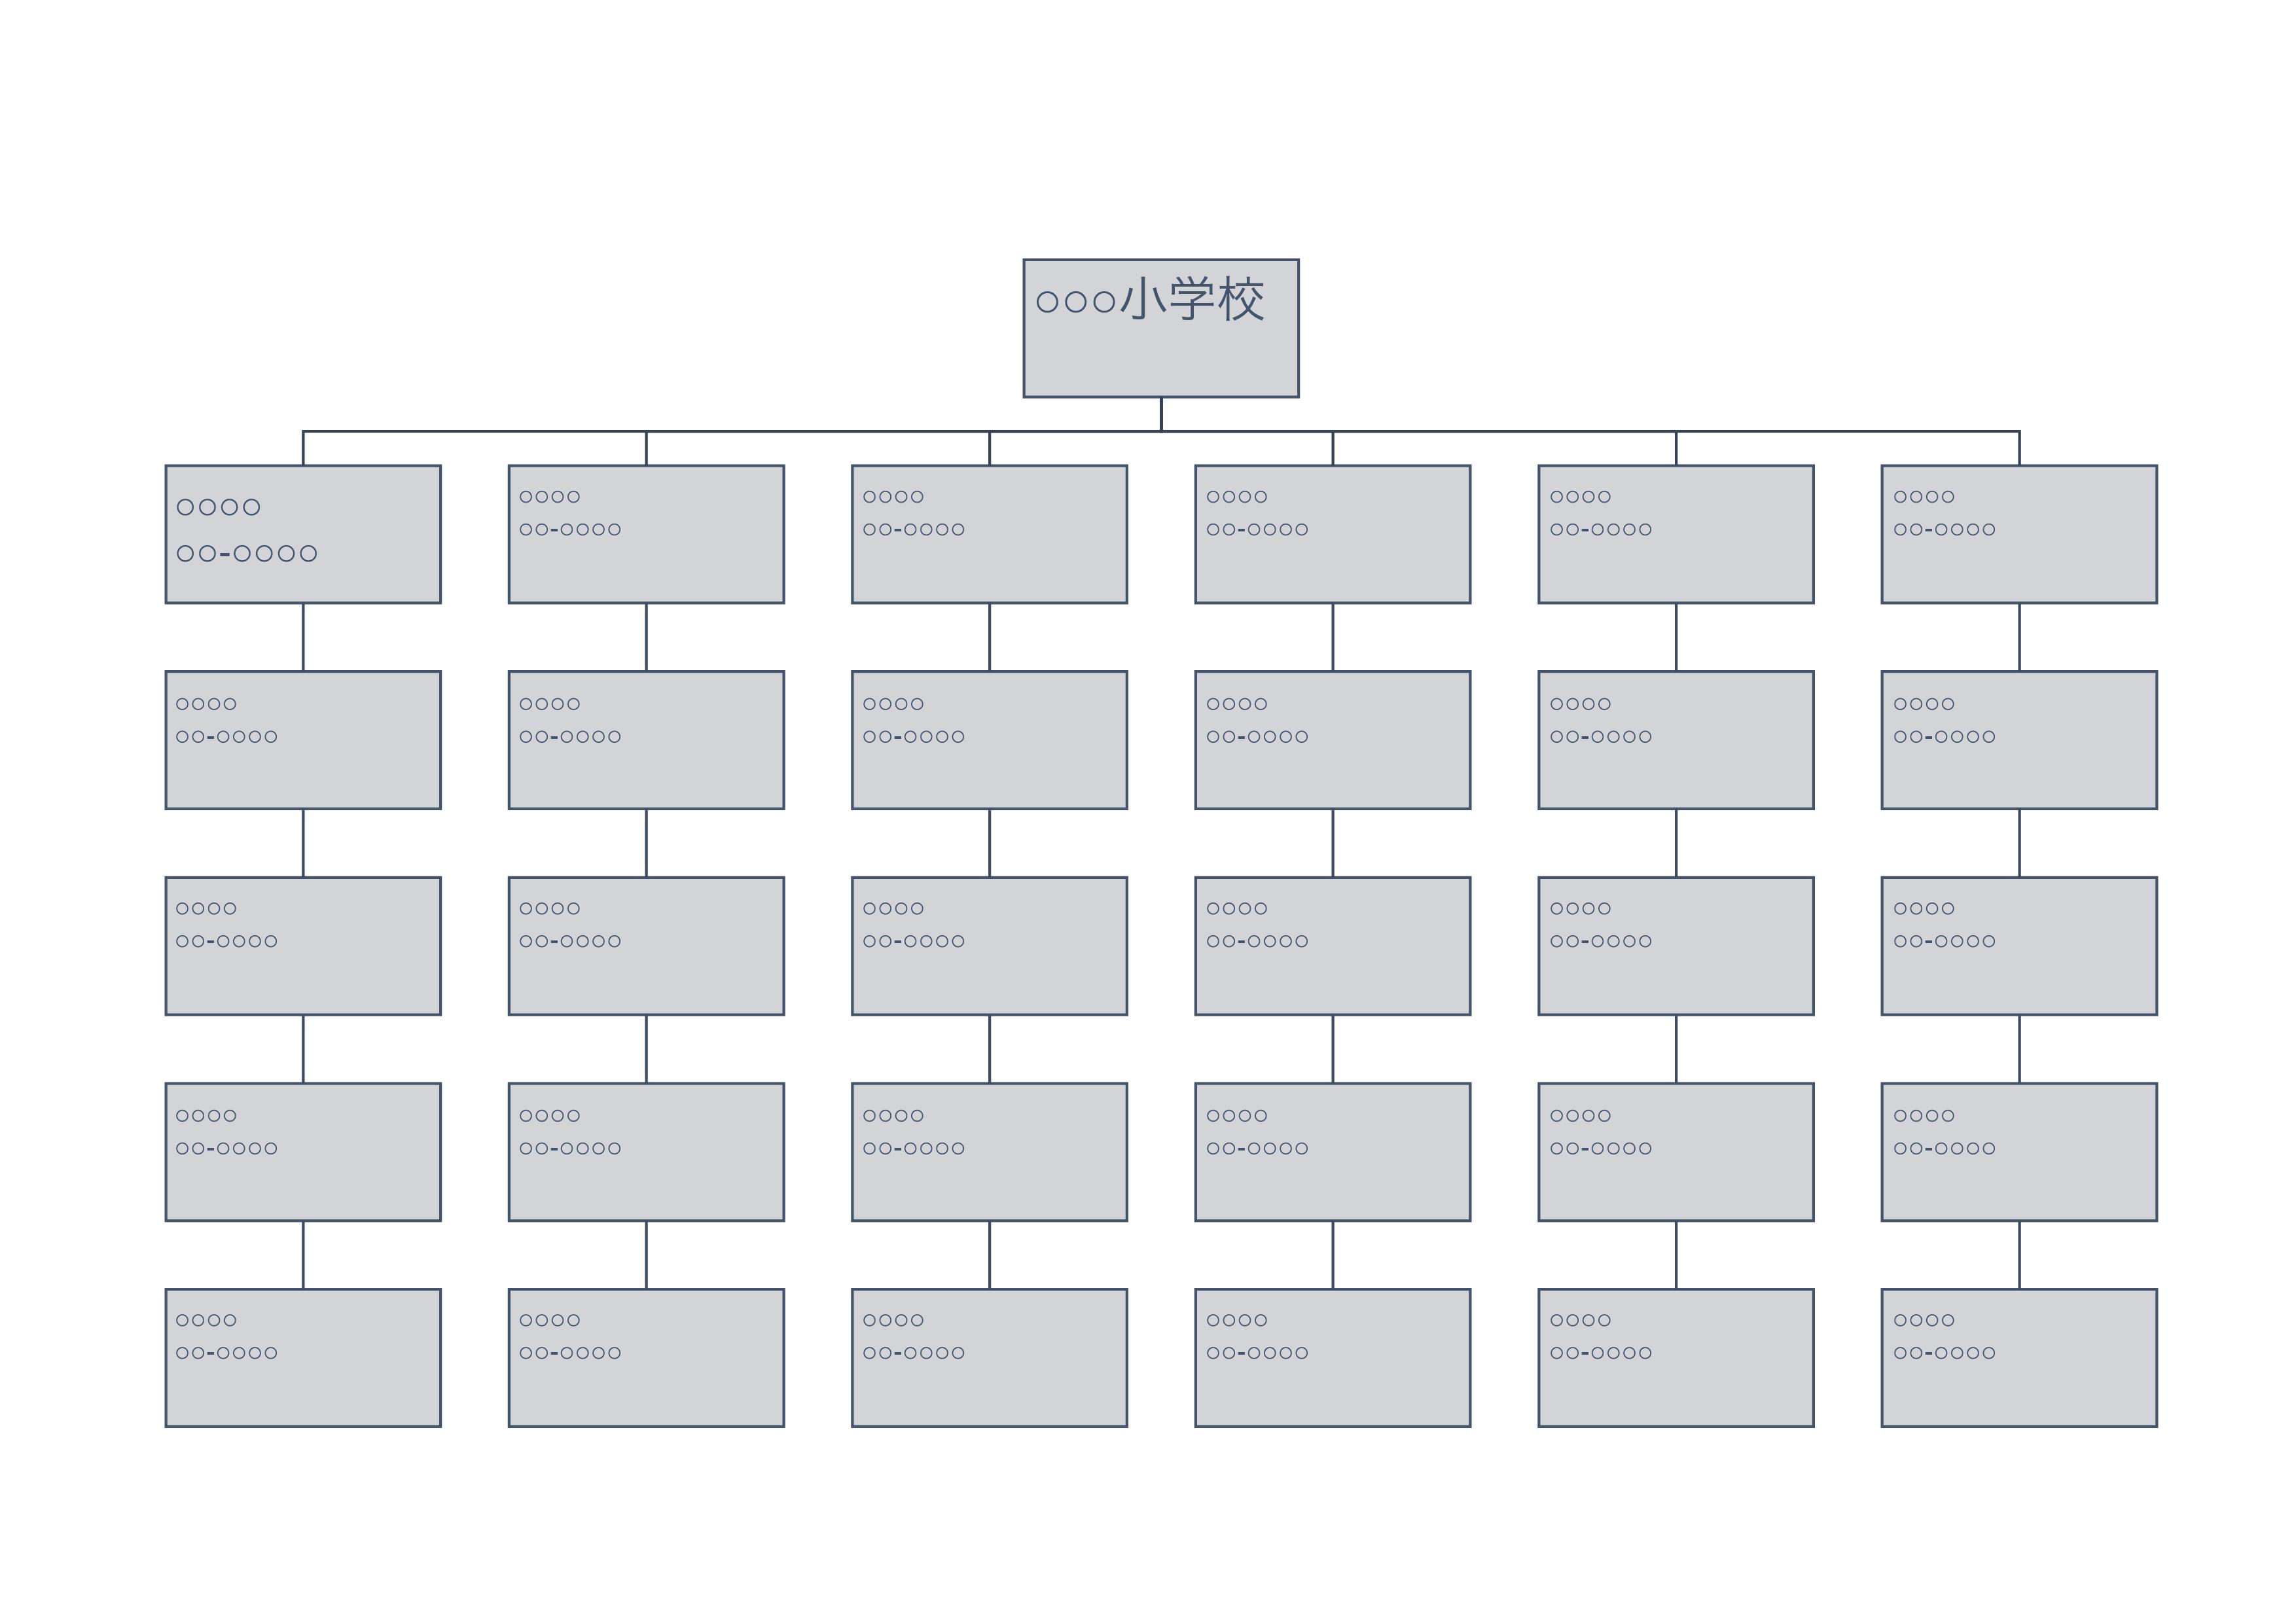 連絡網テンプレート(ワード・ページズ)小学校用シンプル